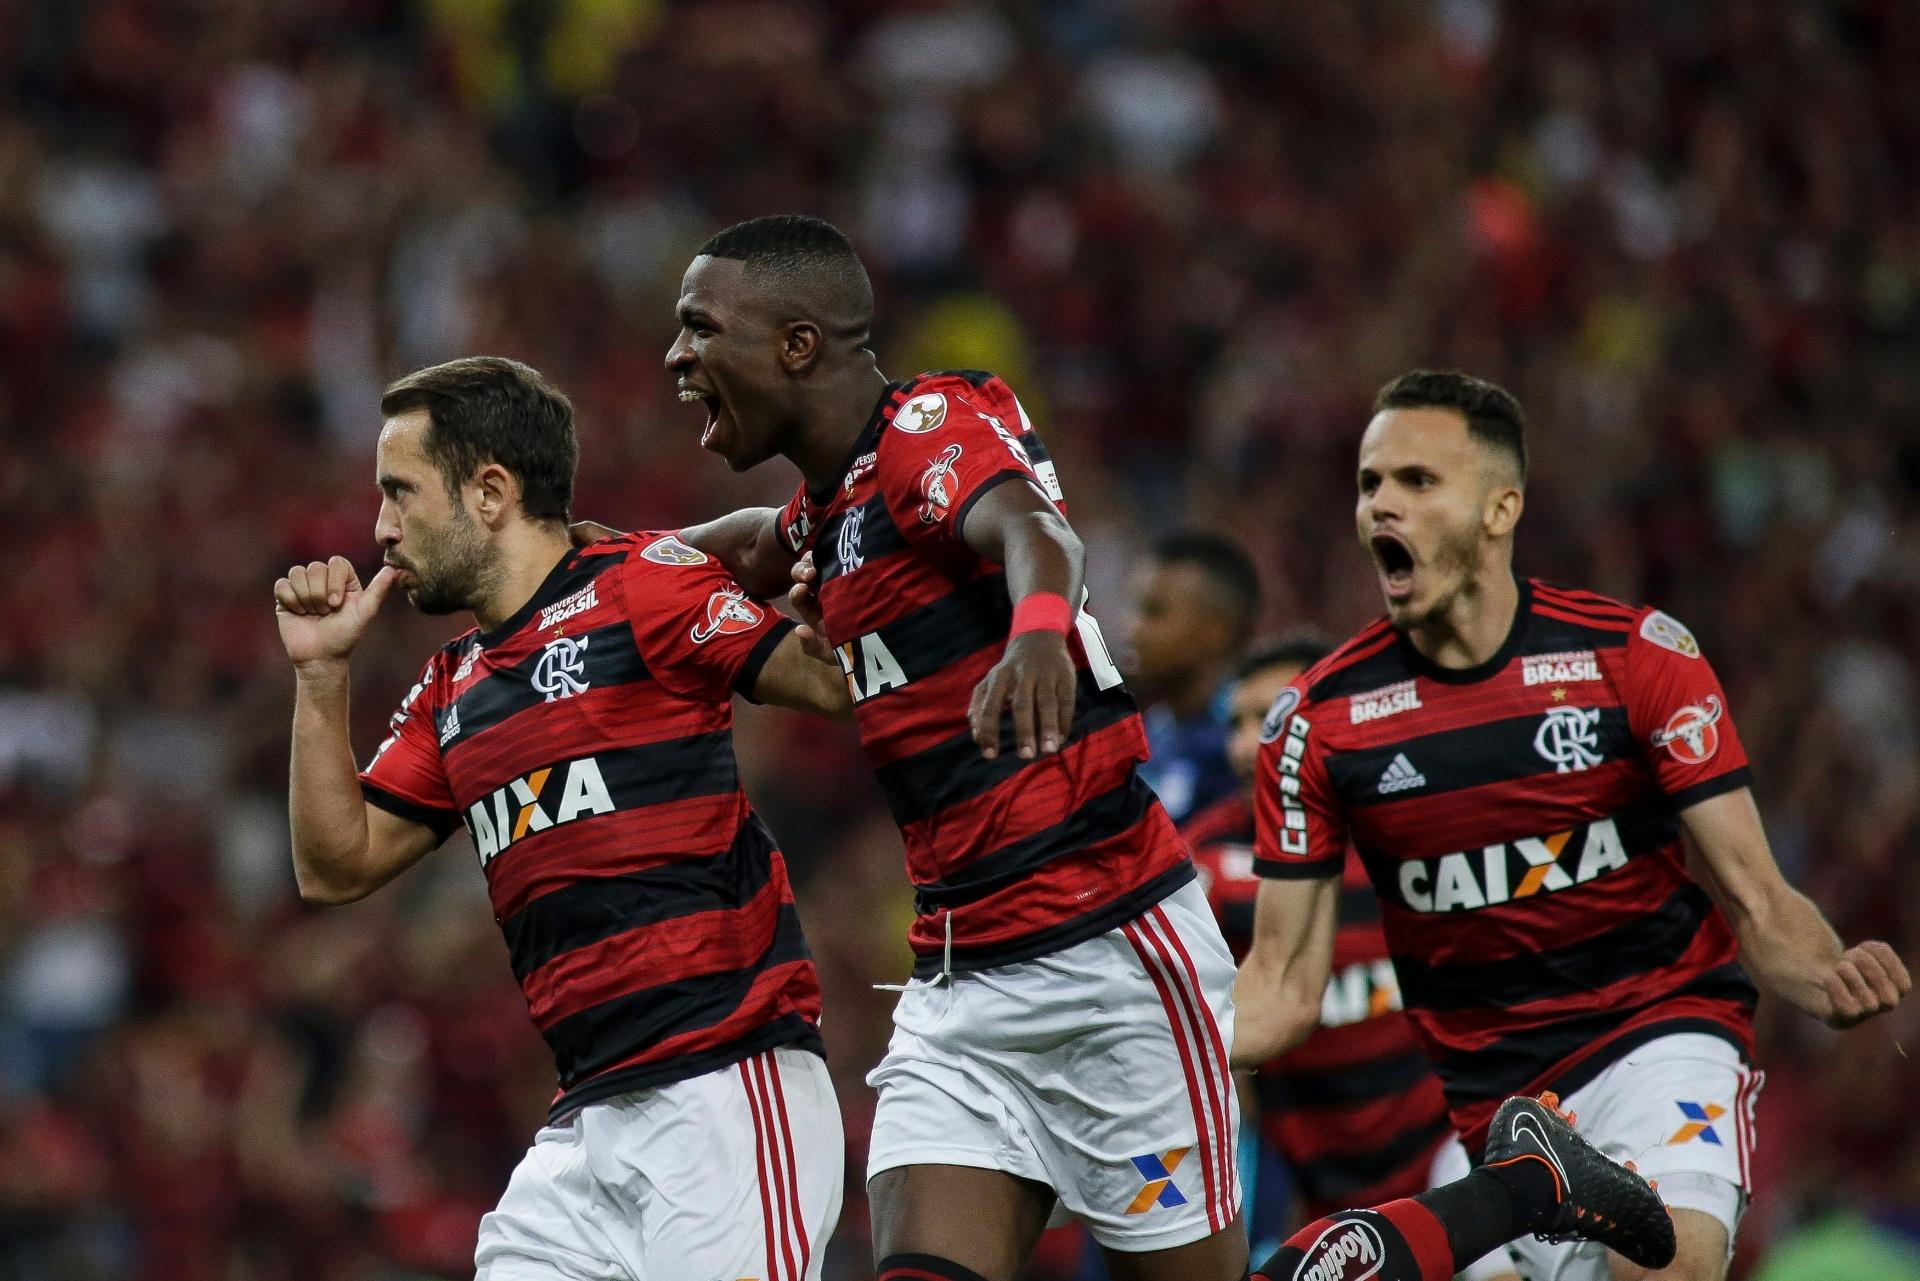 4bd2fa781c Flamengo vence Emelec e avança para as oitavas pela 1ª vez desde 2010 -  16 05 2018 - UOL Esporte